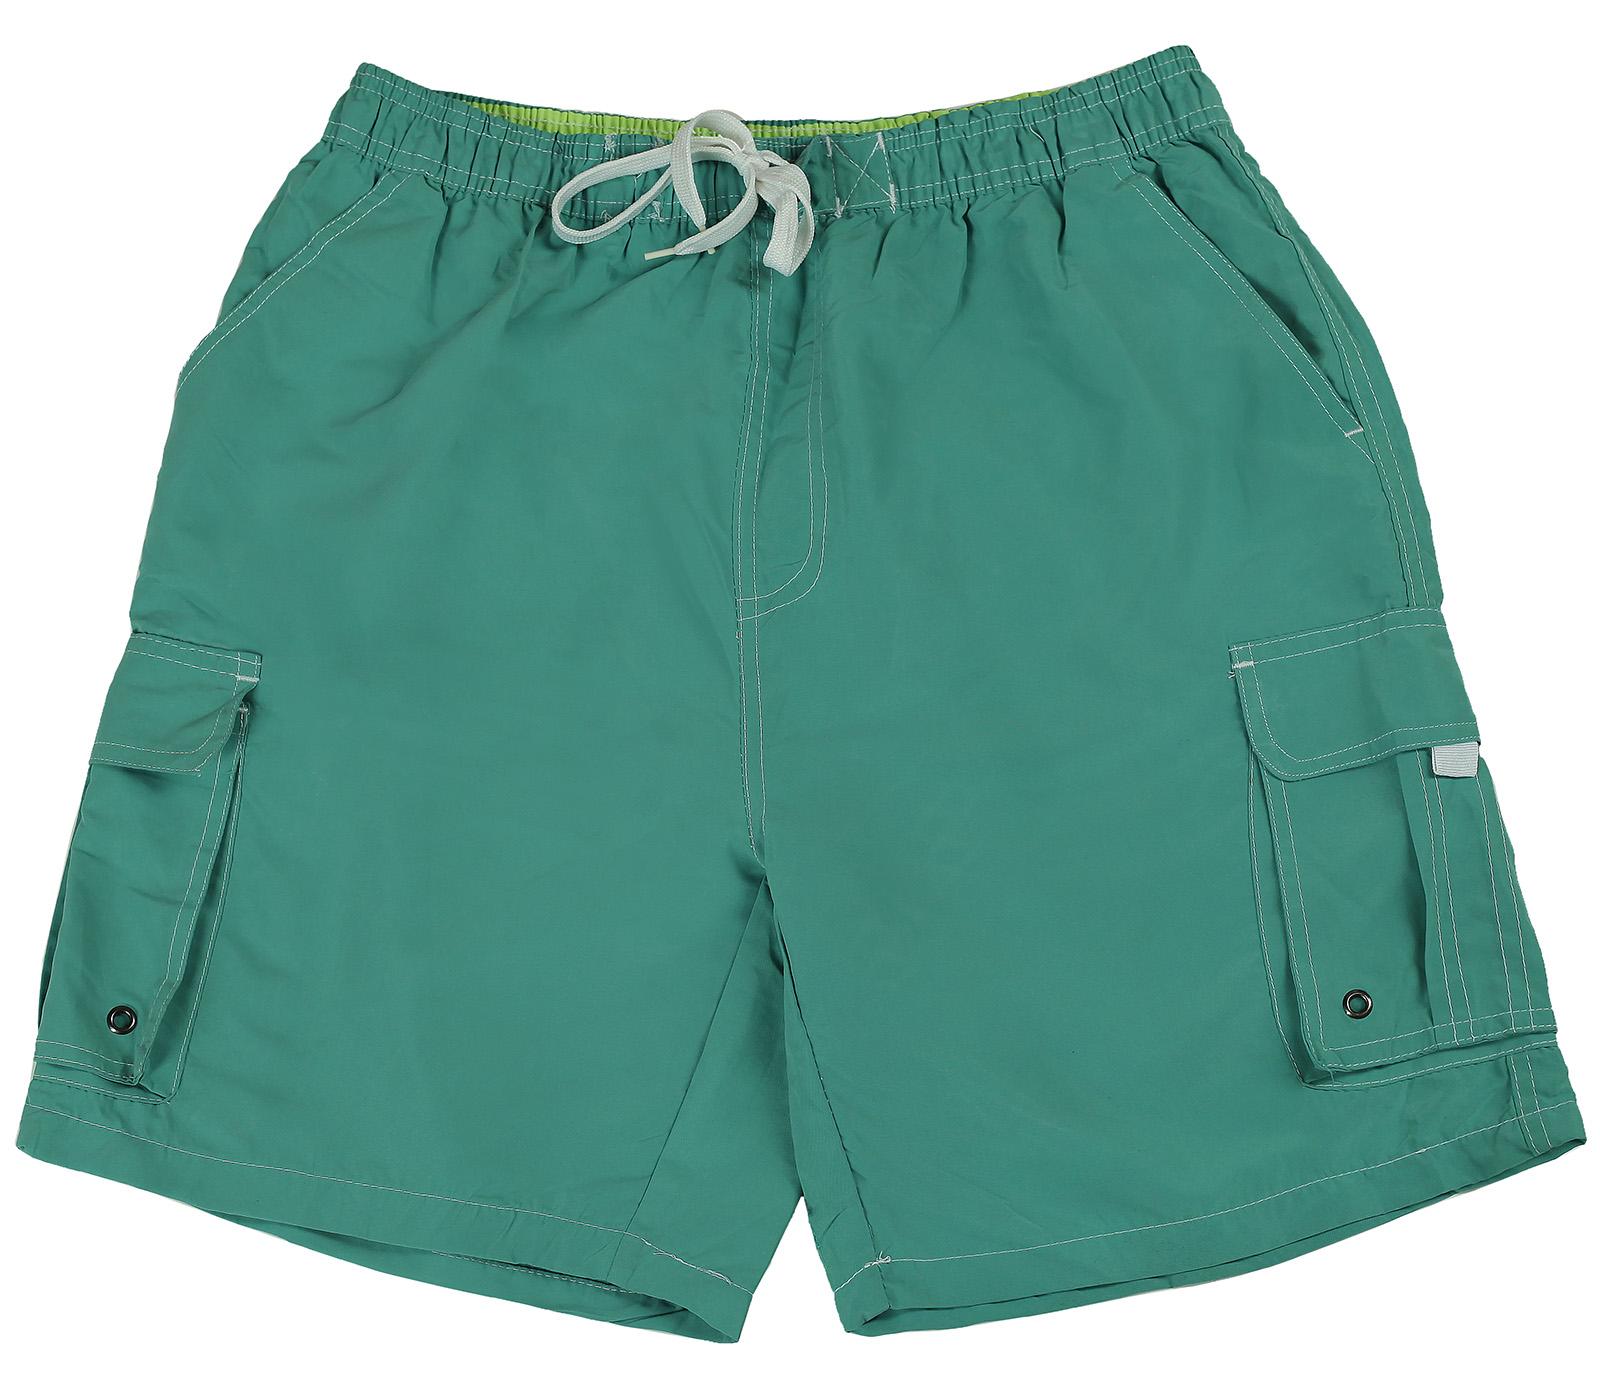 Бирюзовые мужские шорты Tom Franks